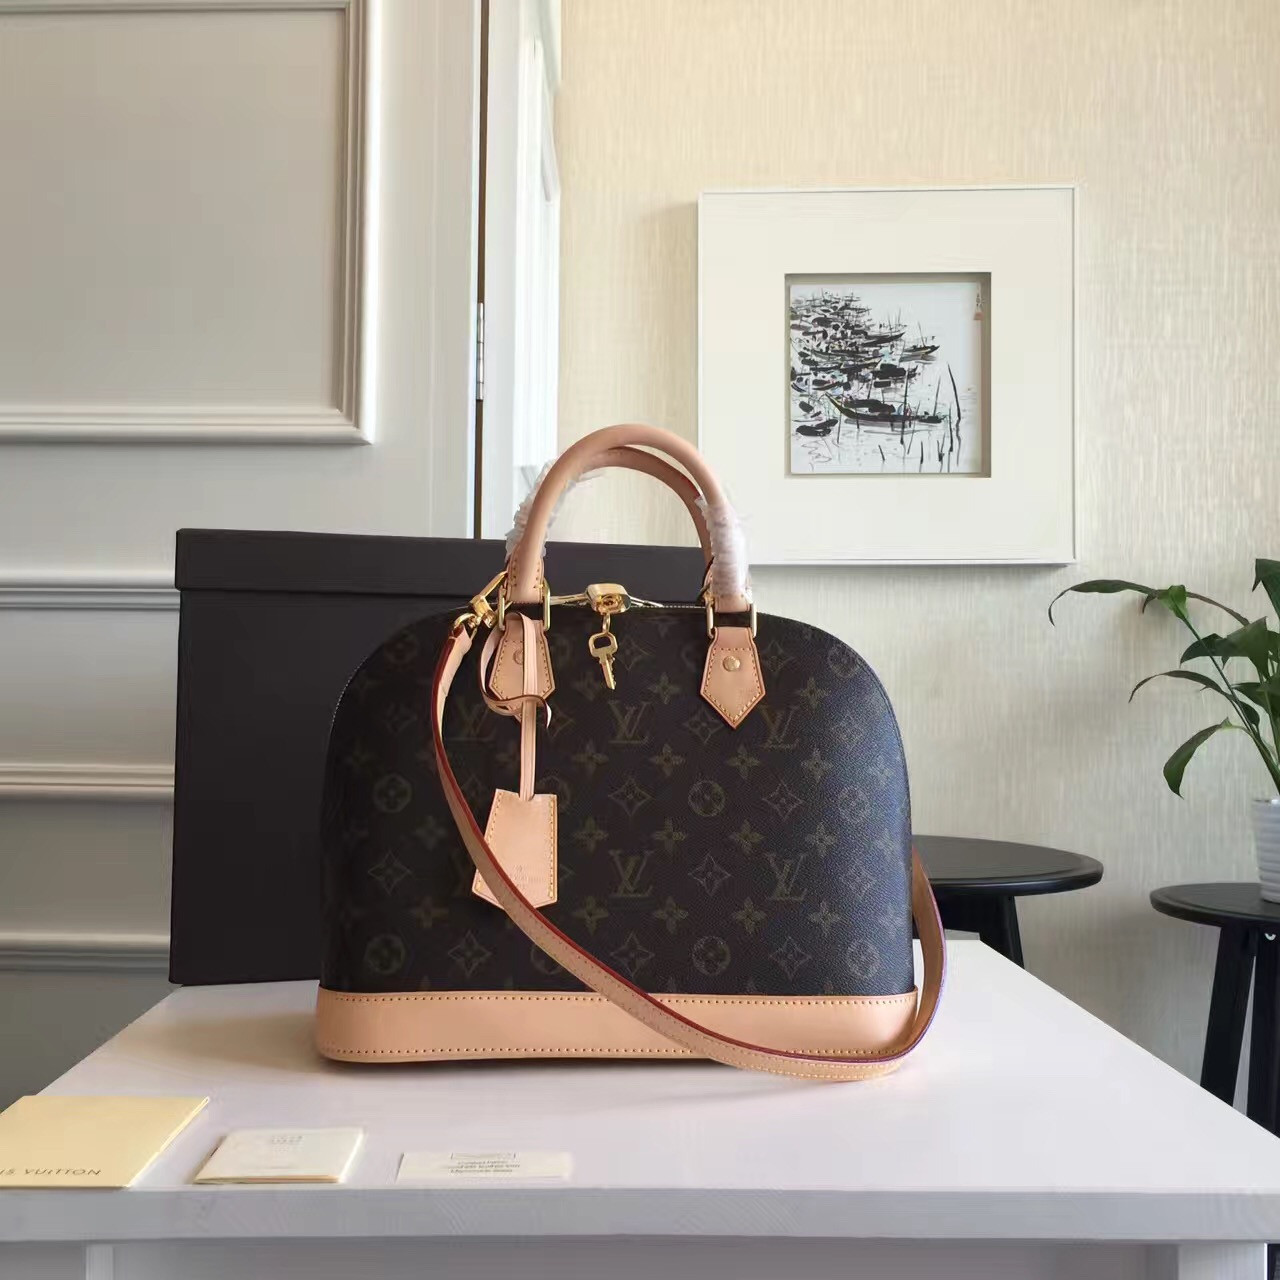 18a42f95703b Женская сумка Louis Vuitton Alma Monogram, цена 6 900 грн., купить в ...